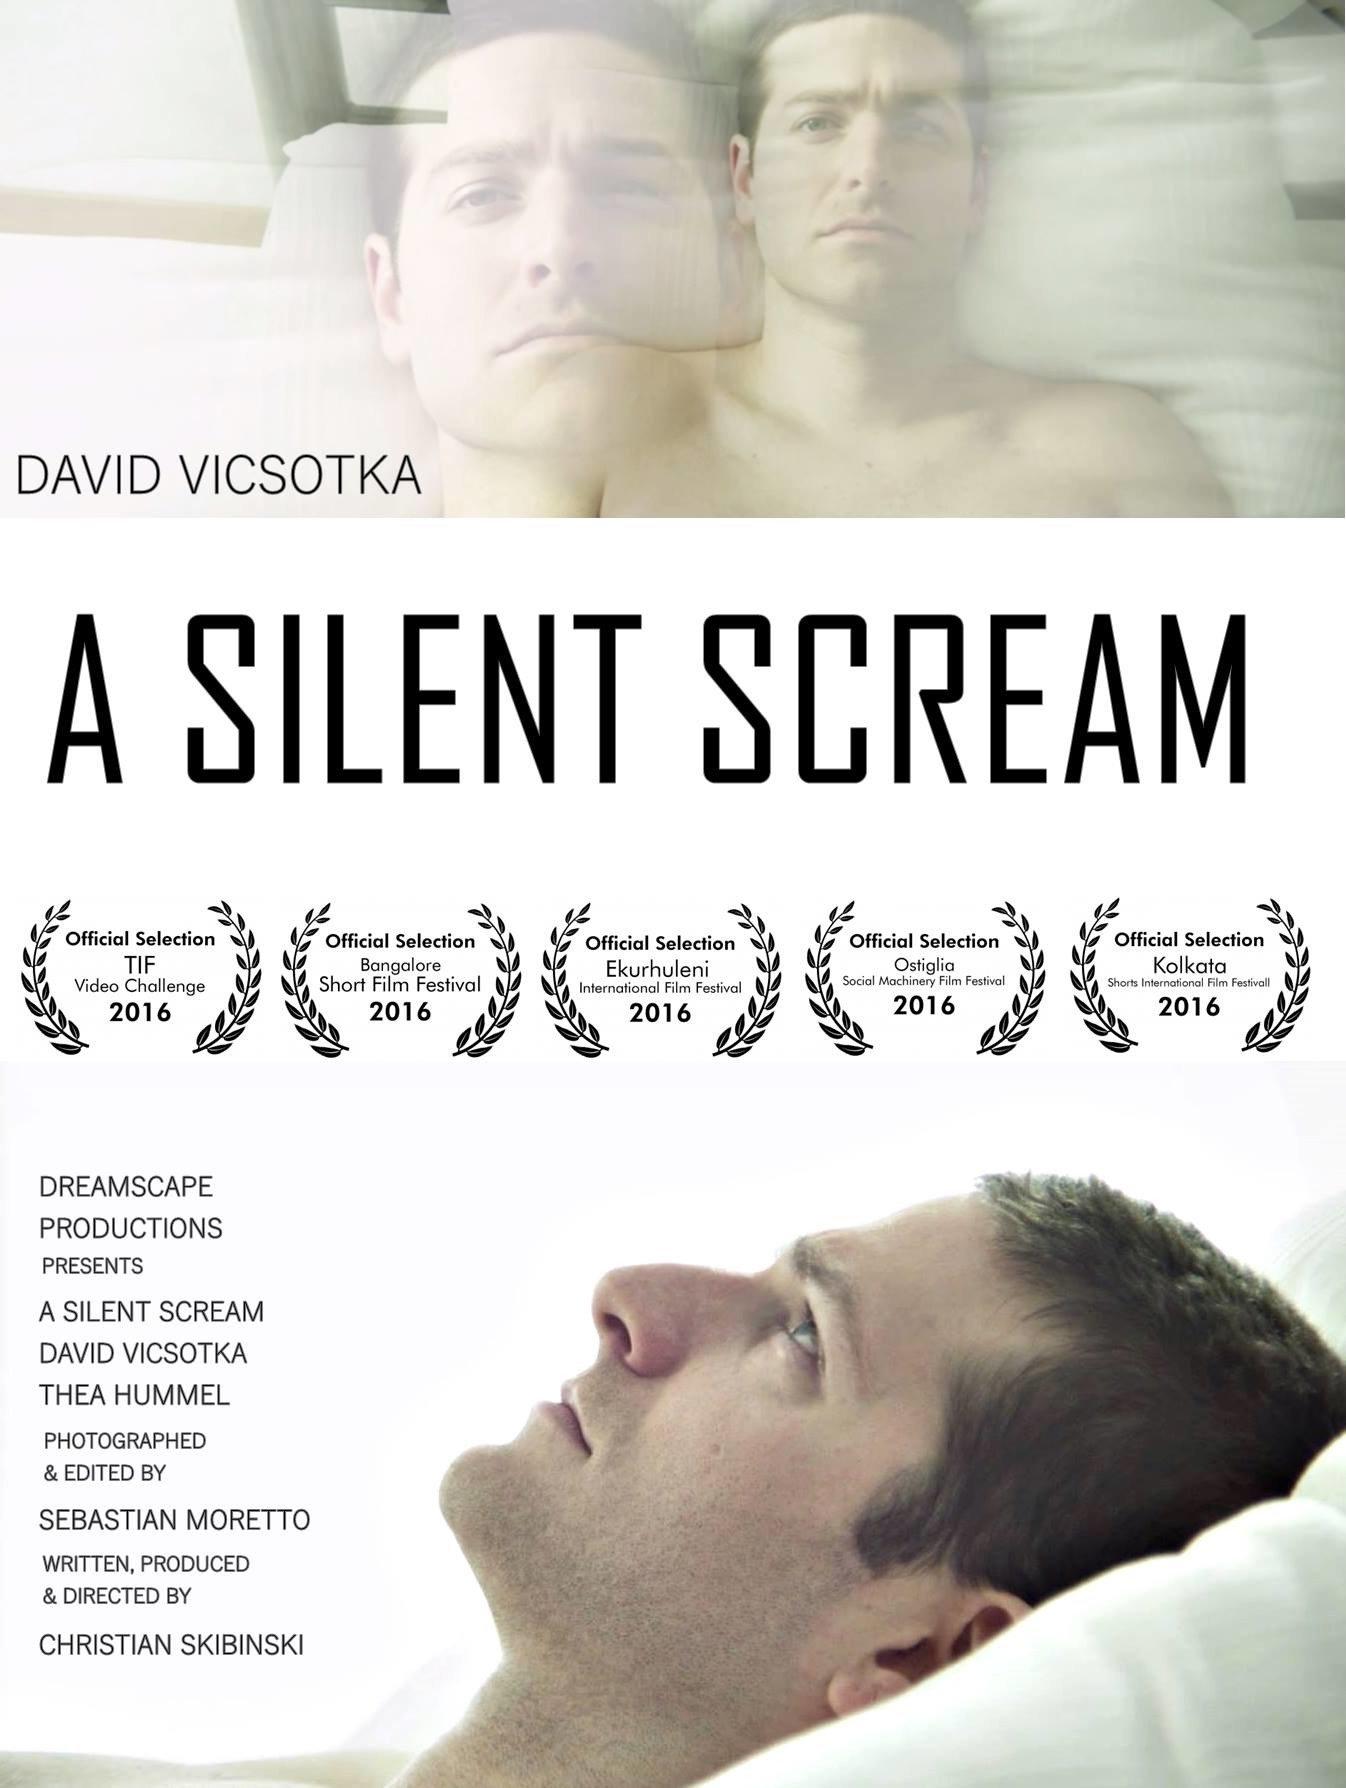 A Silent Scream